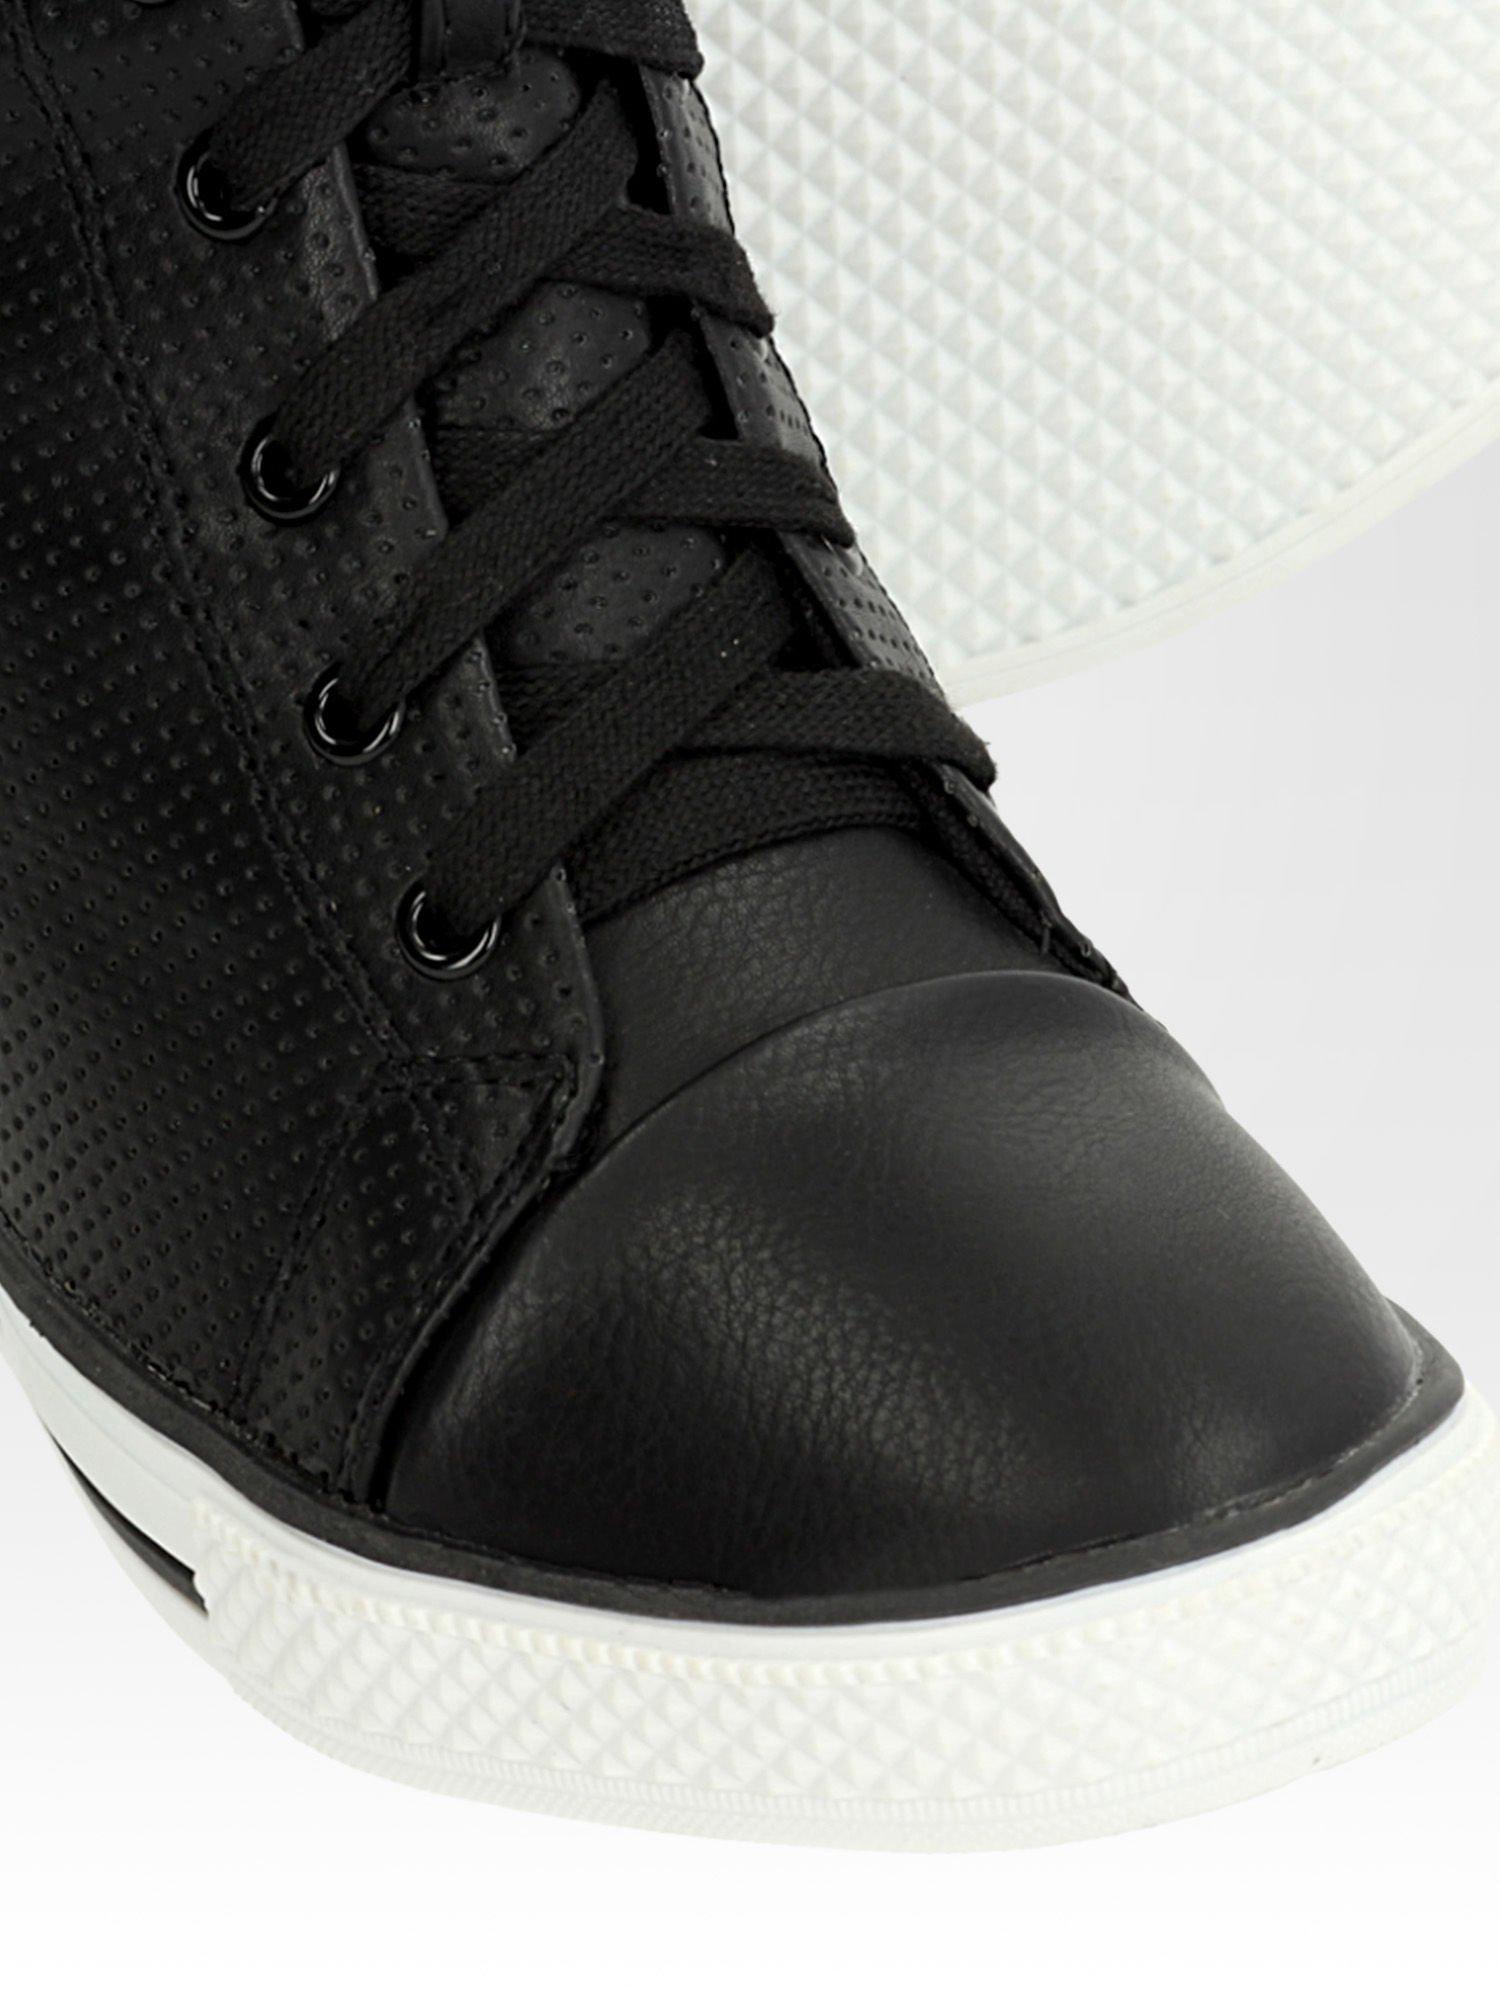 Czarne skórzane trampki na koturnie sneakersy z dziurkowanej cholewki                                  zdj.                                  7